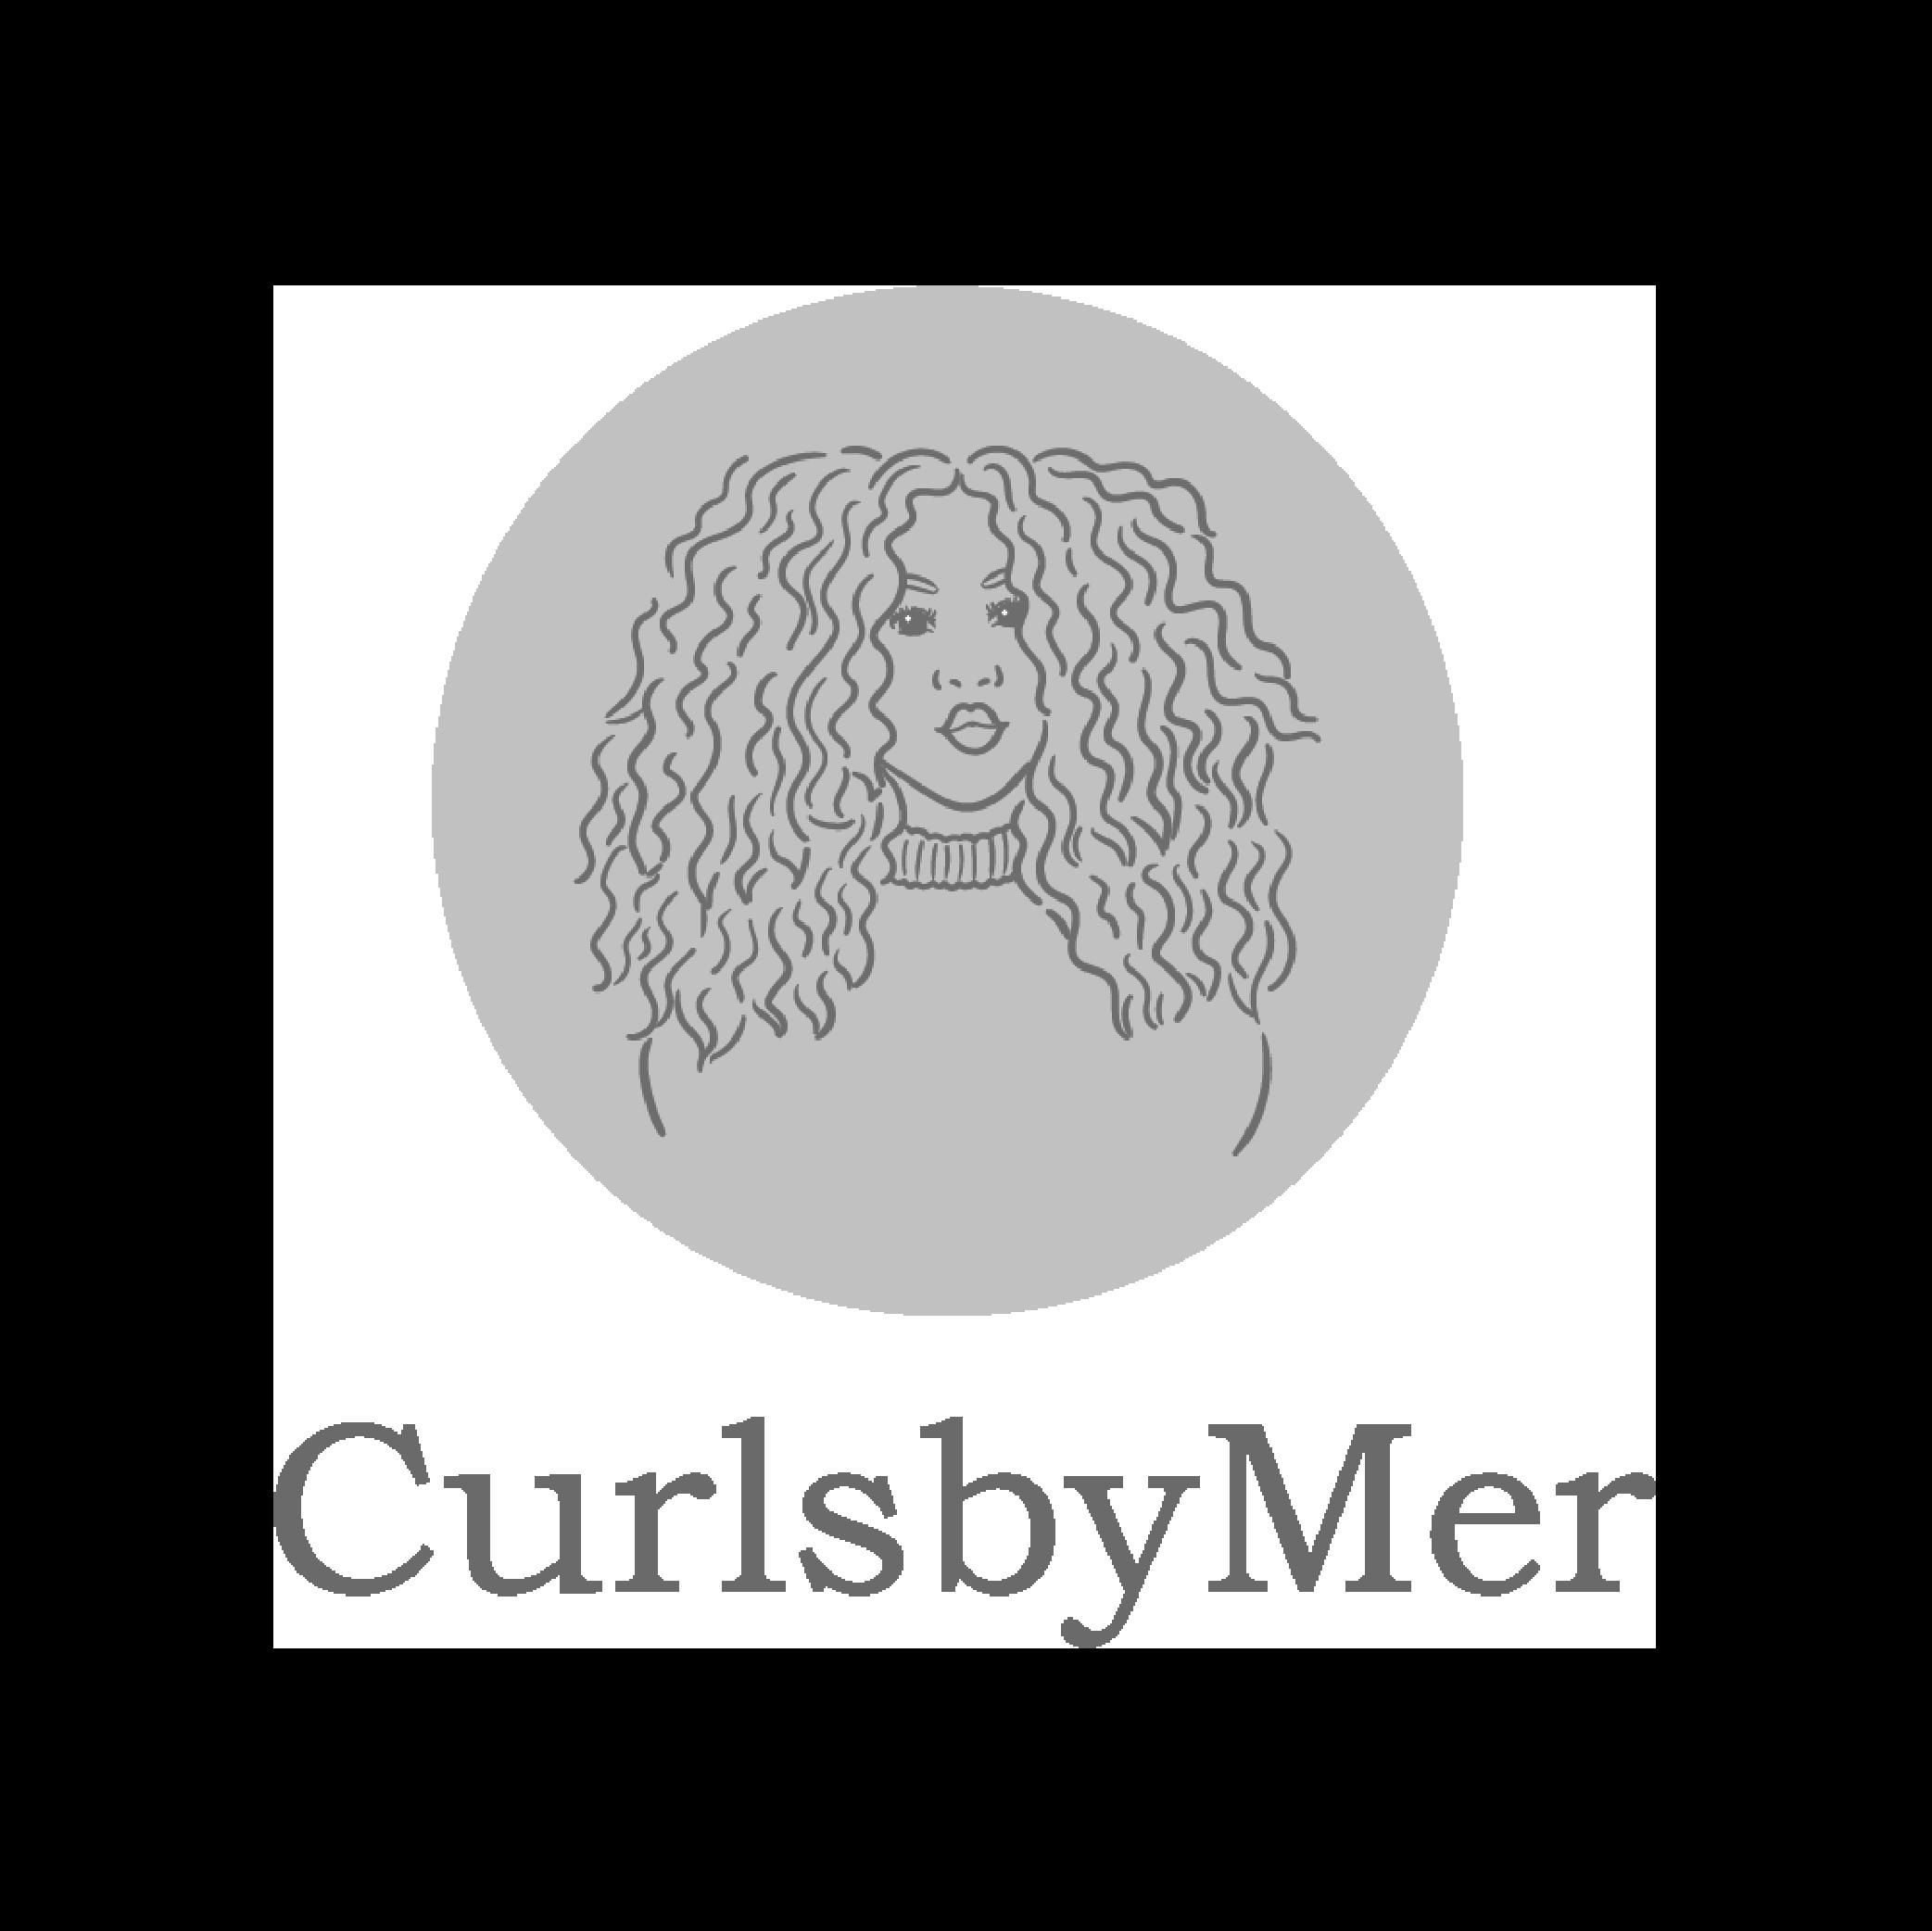 AD-Klant-Curlsbymer-bw